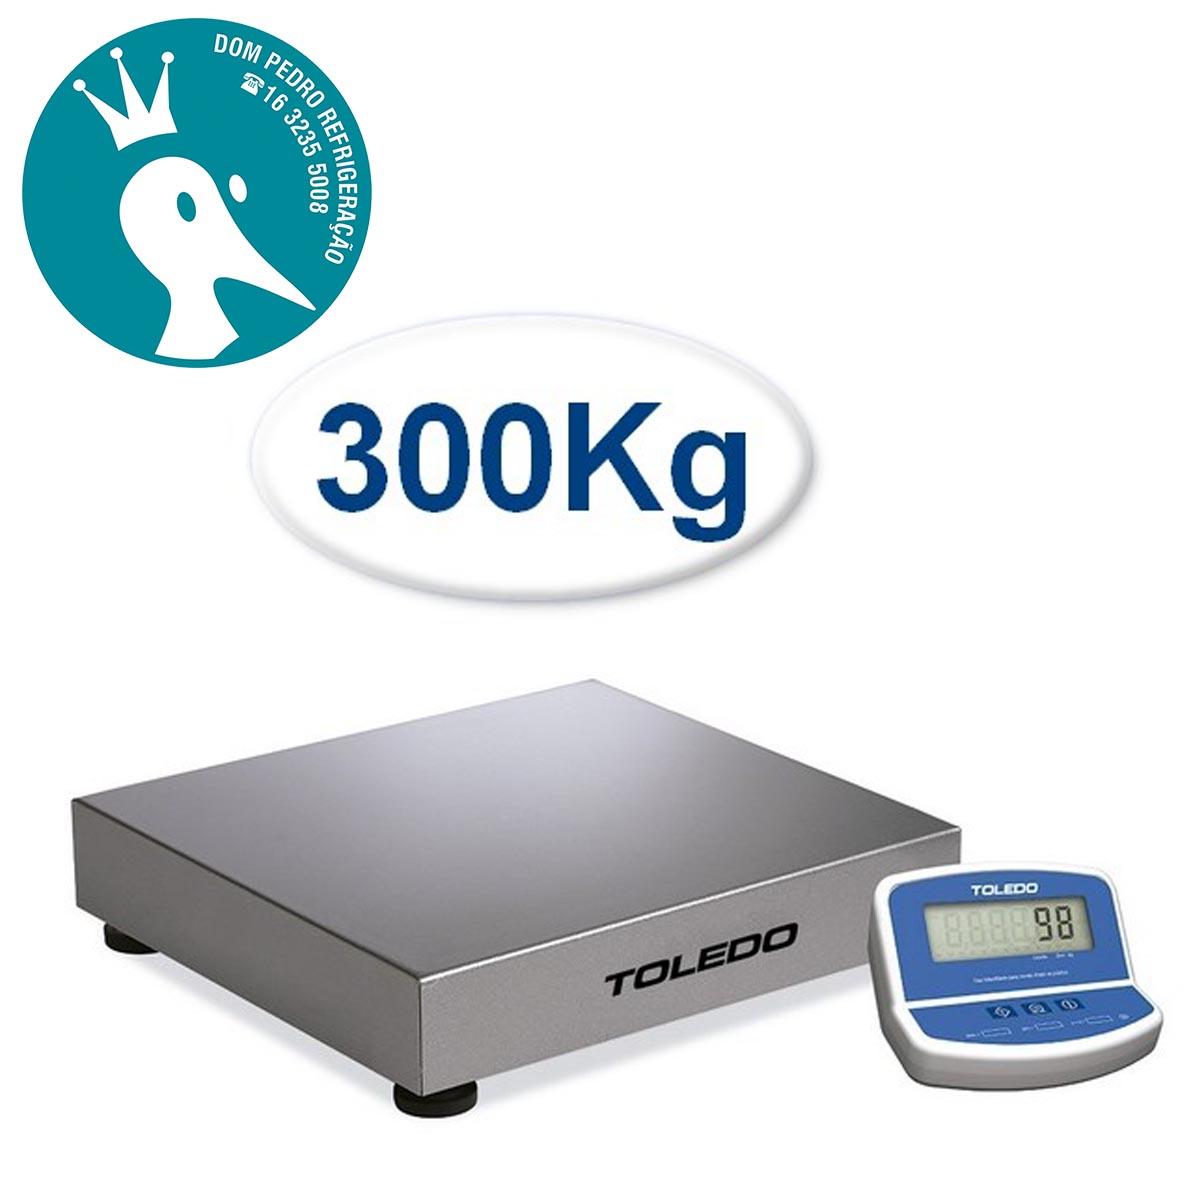 Balança Eletrônica Toledo Modelo 2098 300Kg x 50g Plataforma Inox sem Coluna